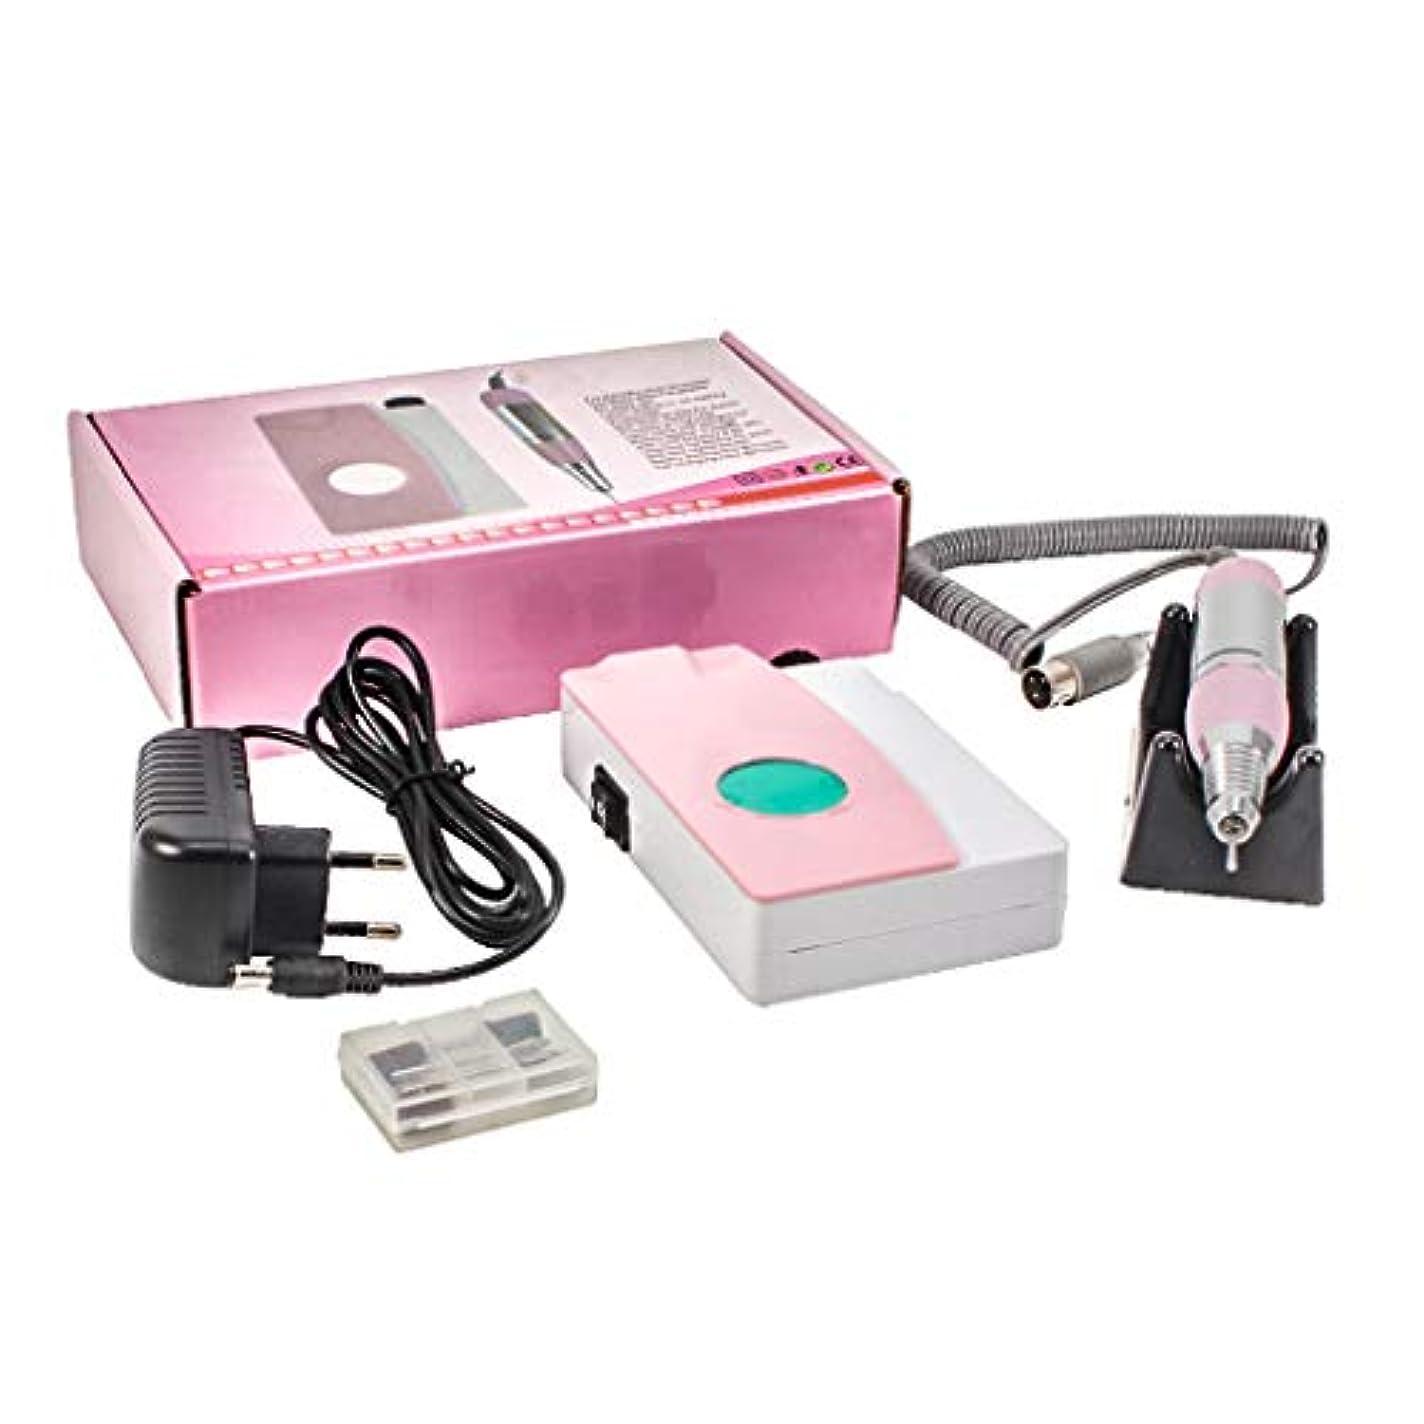 機械簡単なプレゼン電気ネイルファイルドリルマシン、ディスプレイスクリーン、ポータブルコードレス12Vのドリルビット付き充電式研磨機、プロ用または家庭用ネイルアート機器25000 RPM